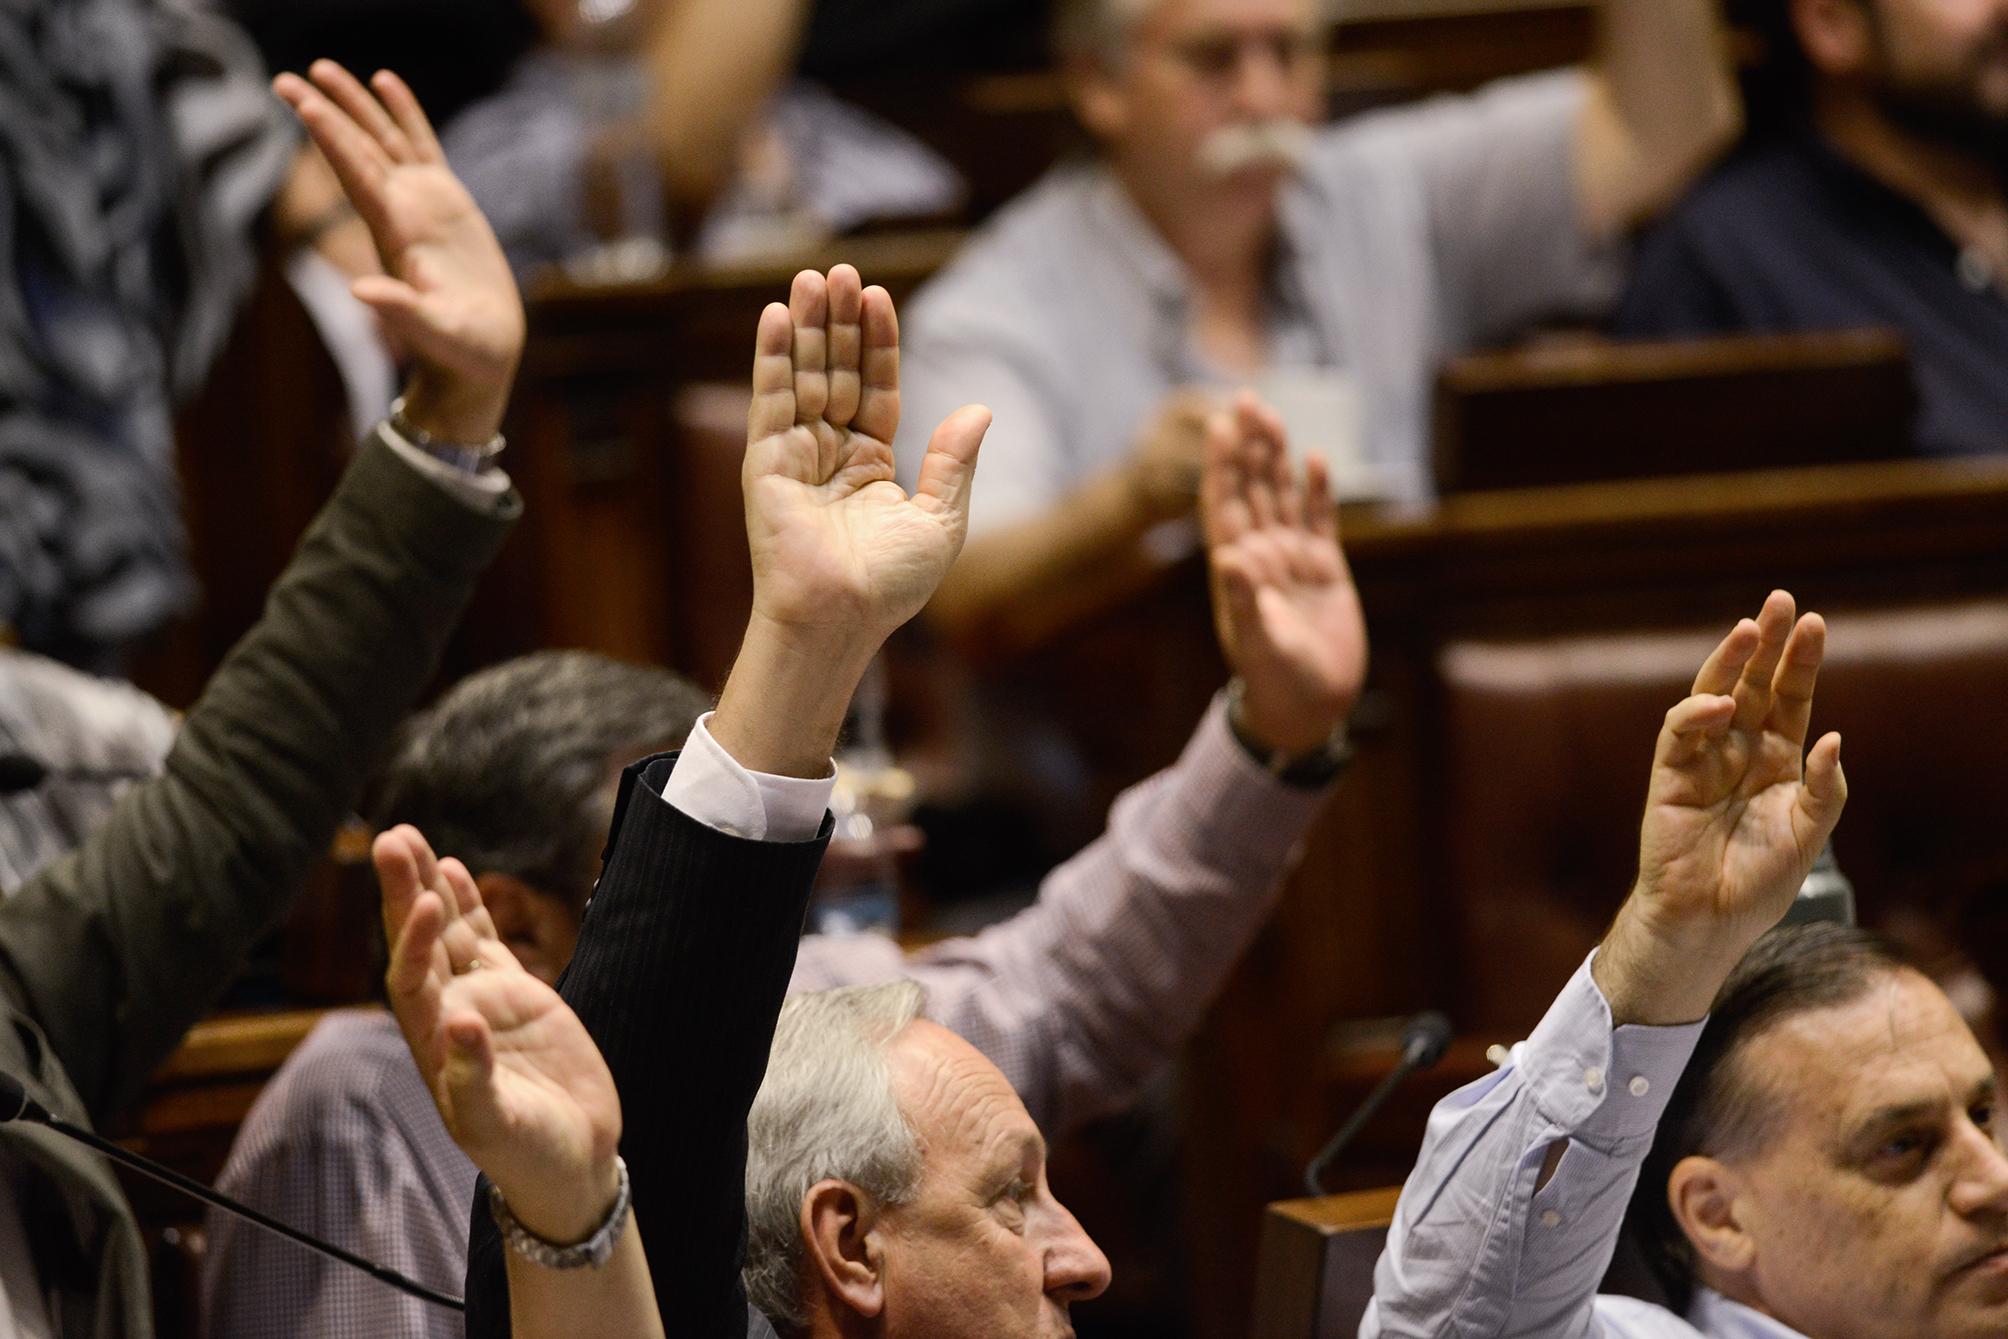 parlamentarios con manos en alto votando